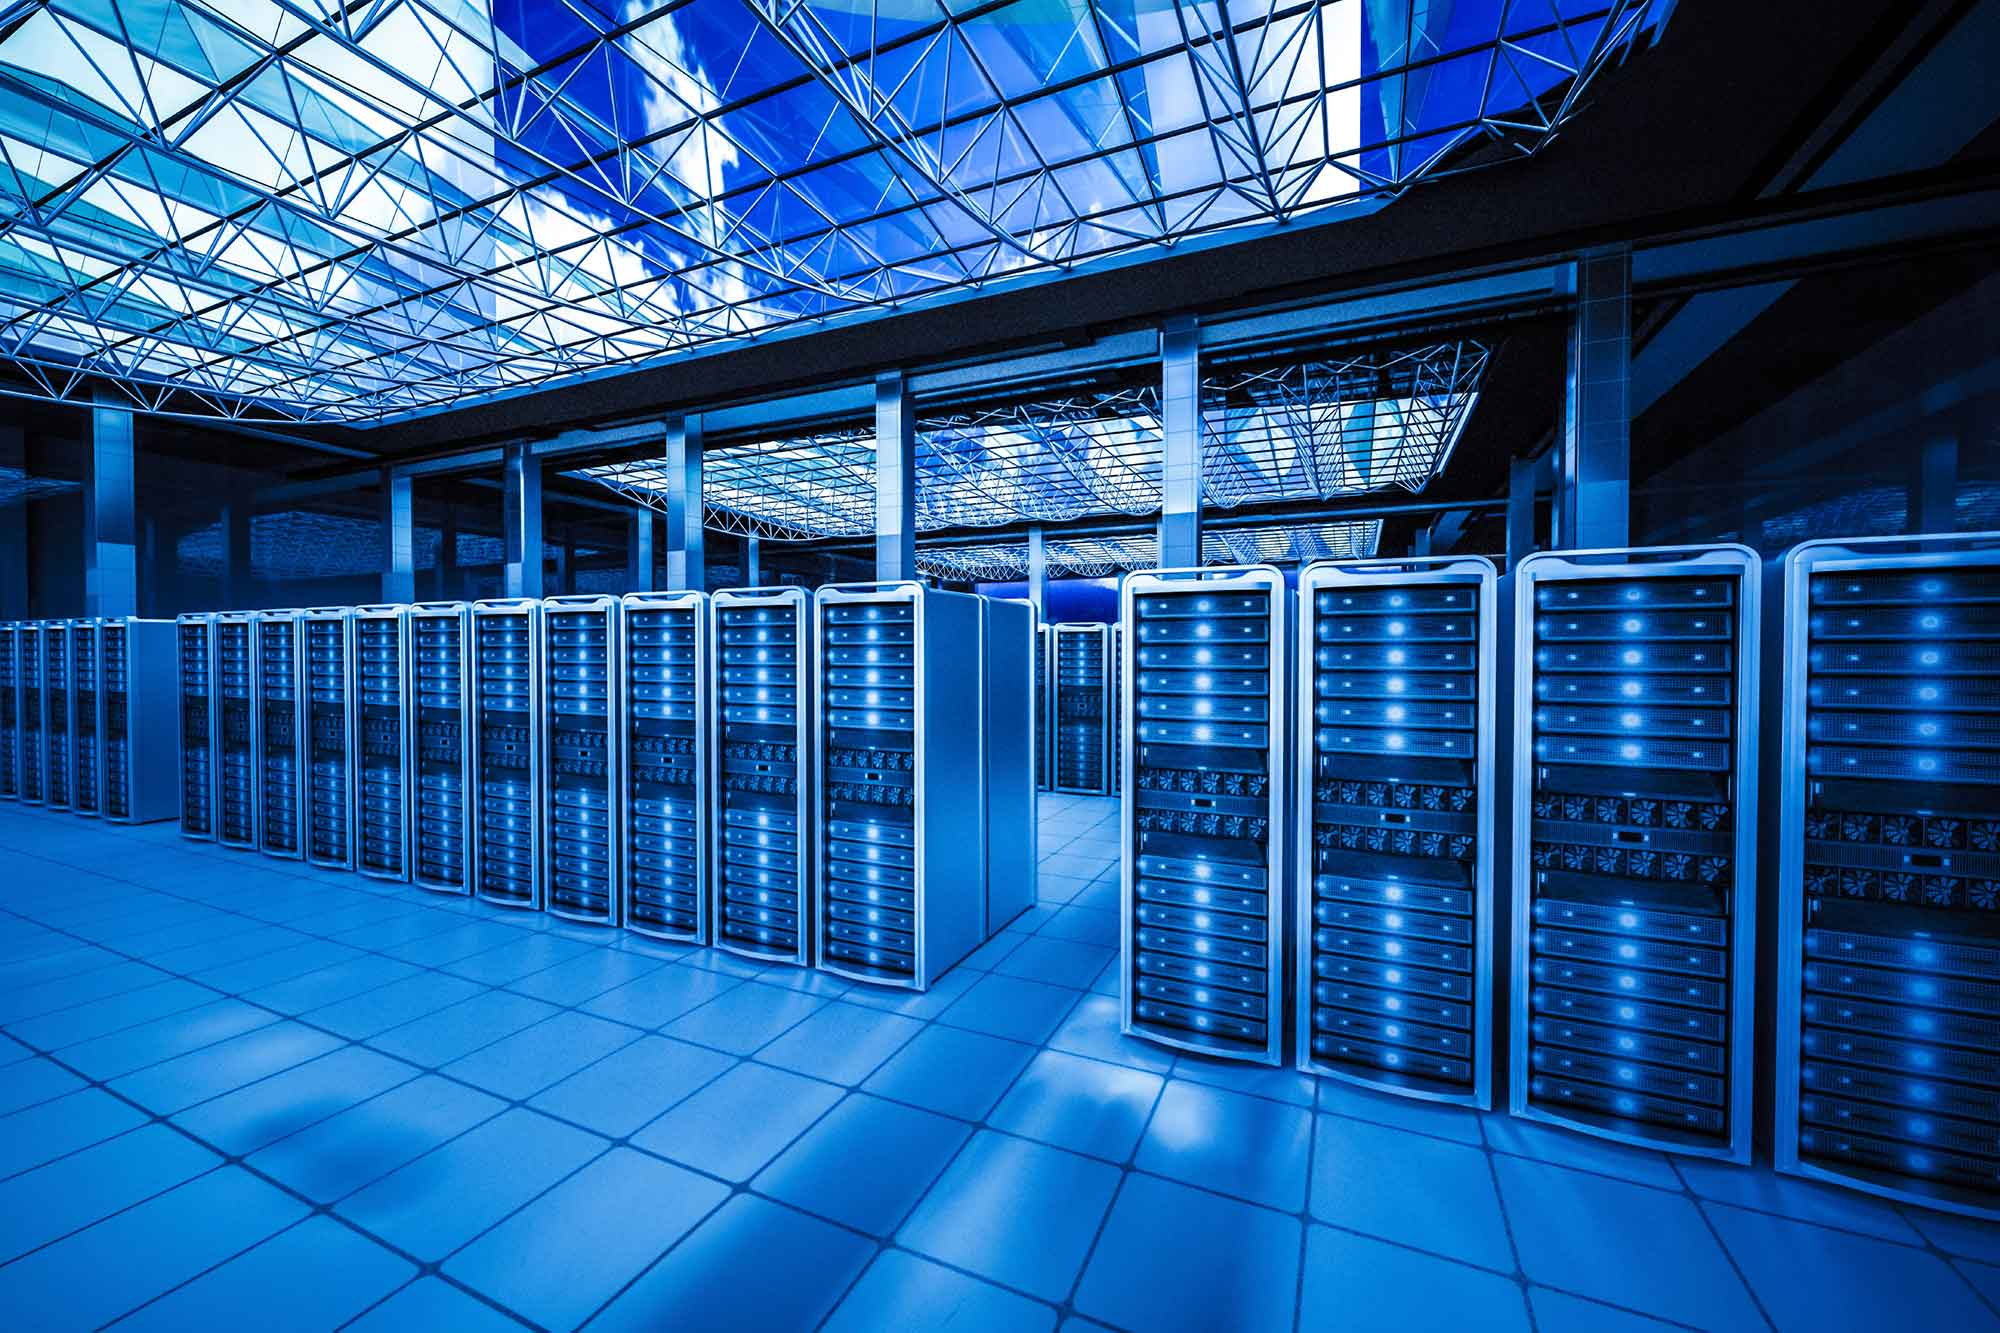 Эксплуатация дата-центра: что нужно делать самим